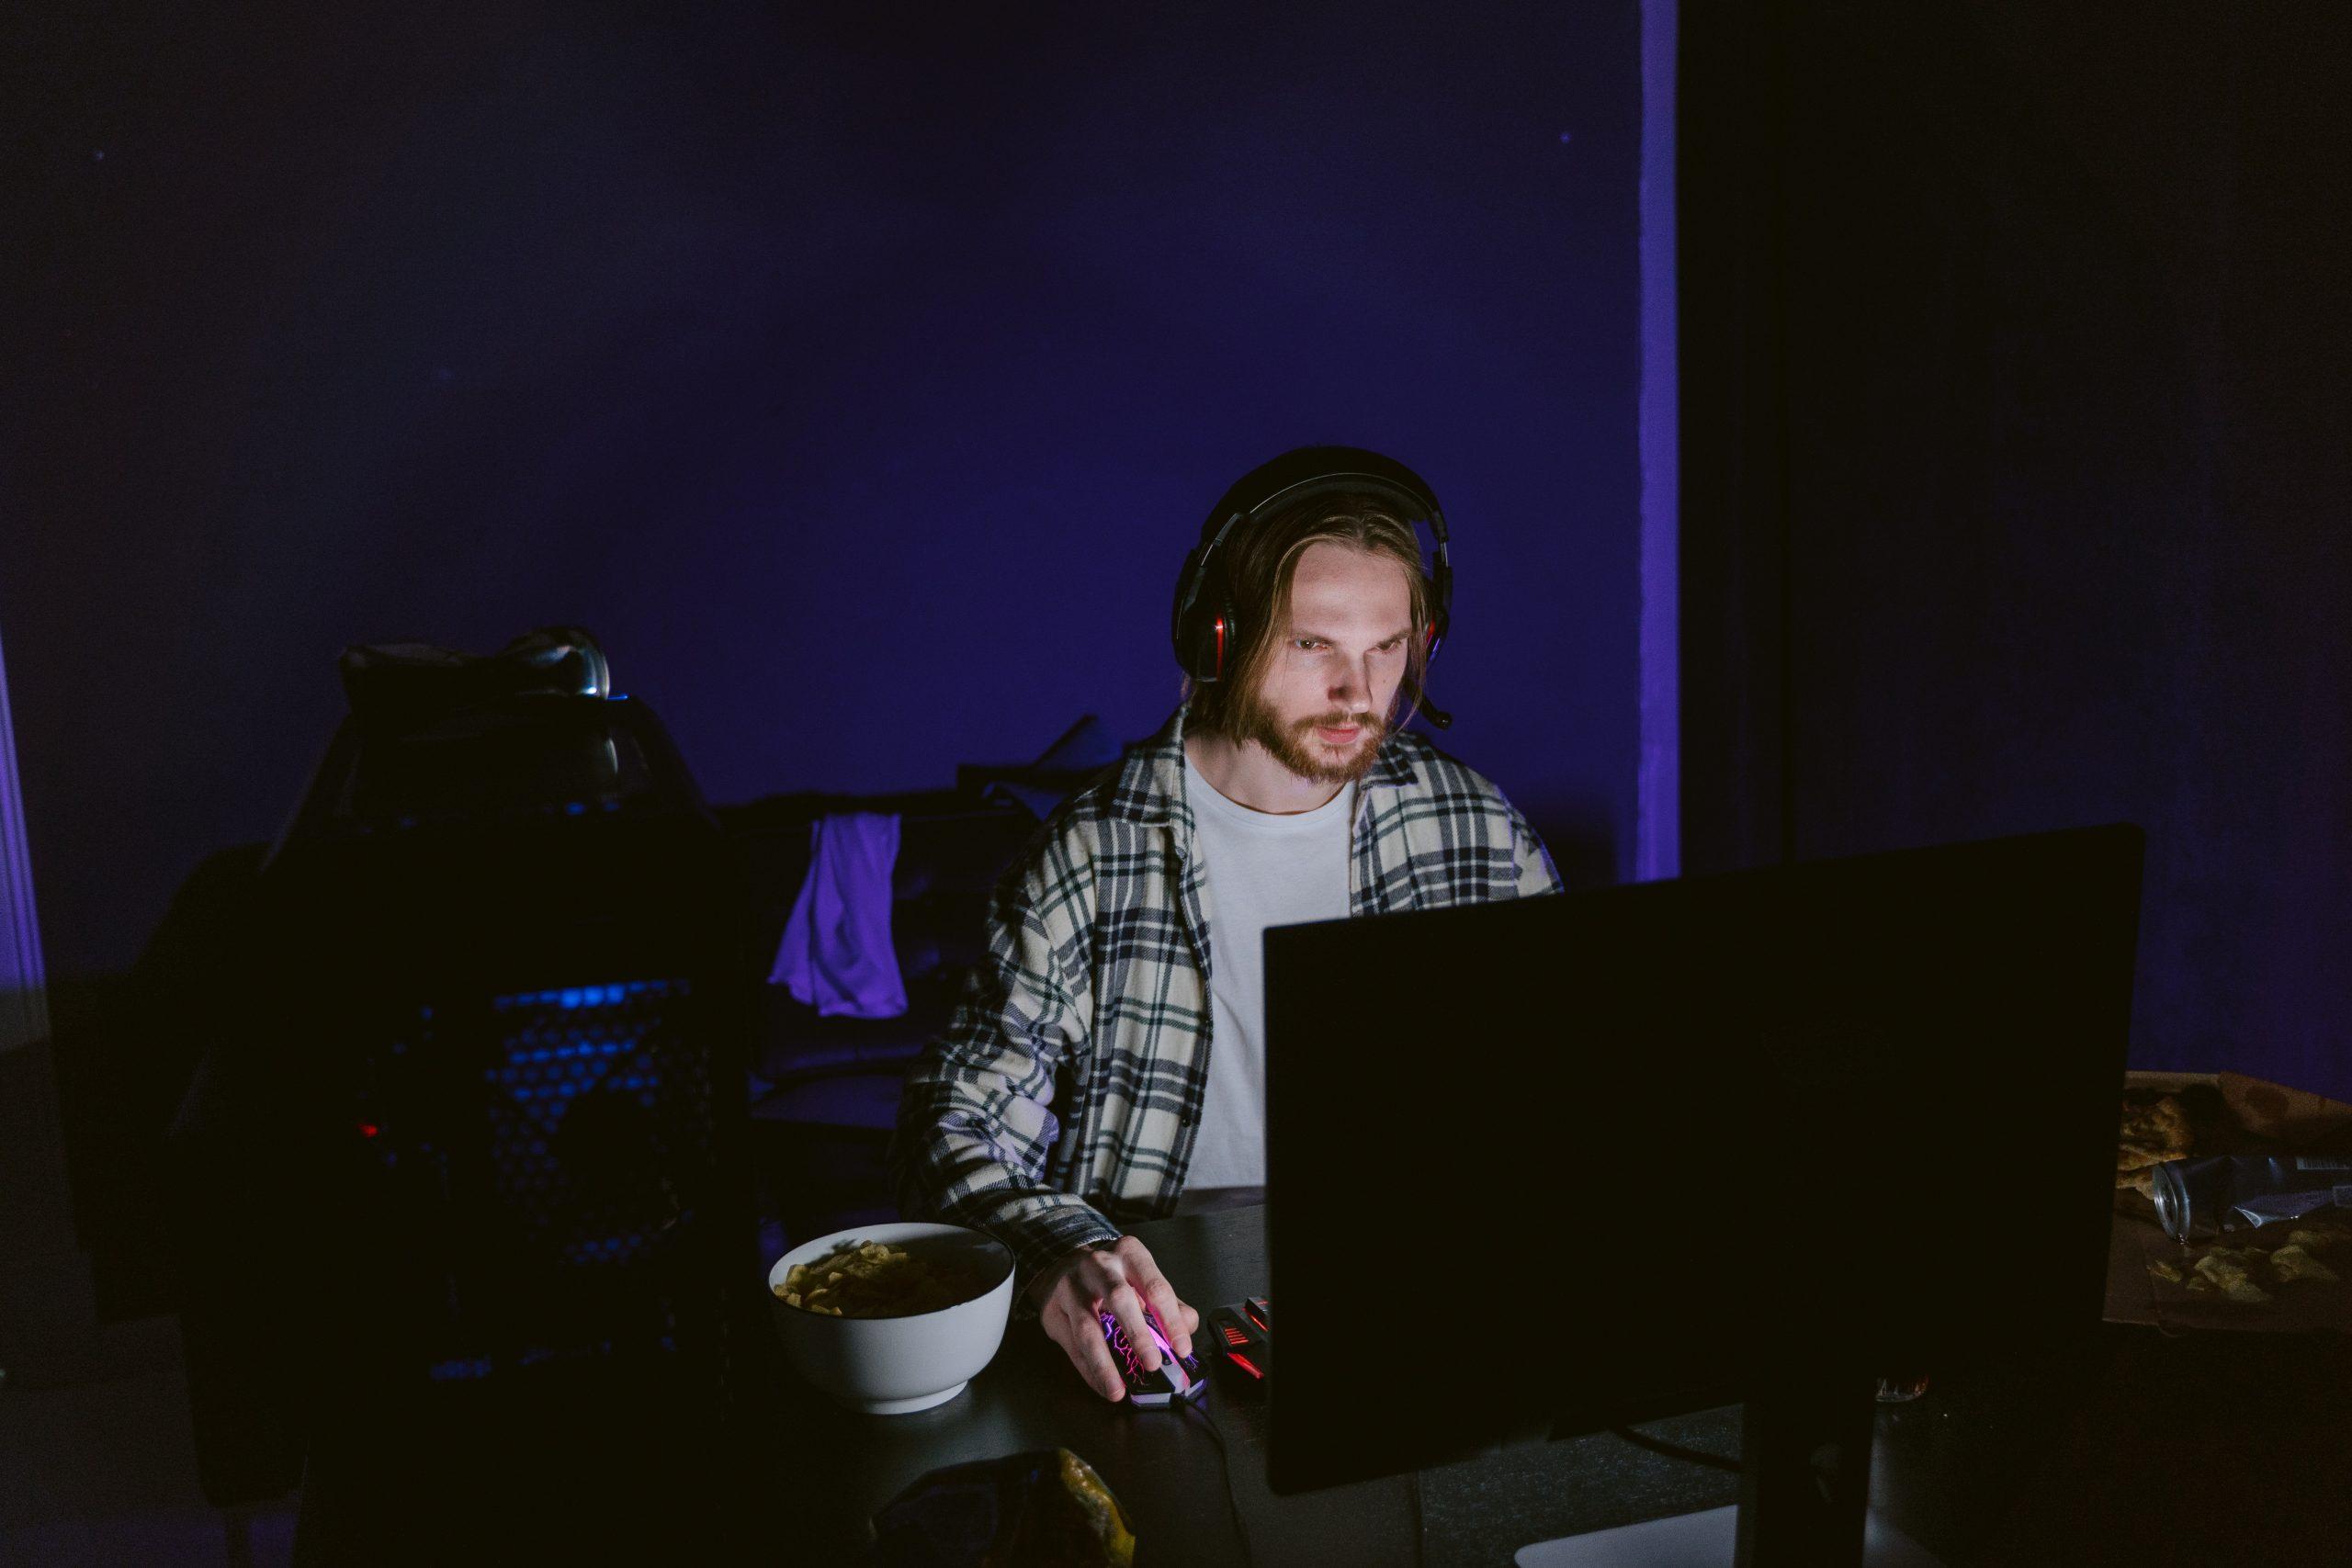 Imagem mostra uma pessoa usando um computador com um headset.